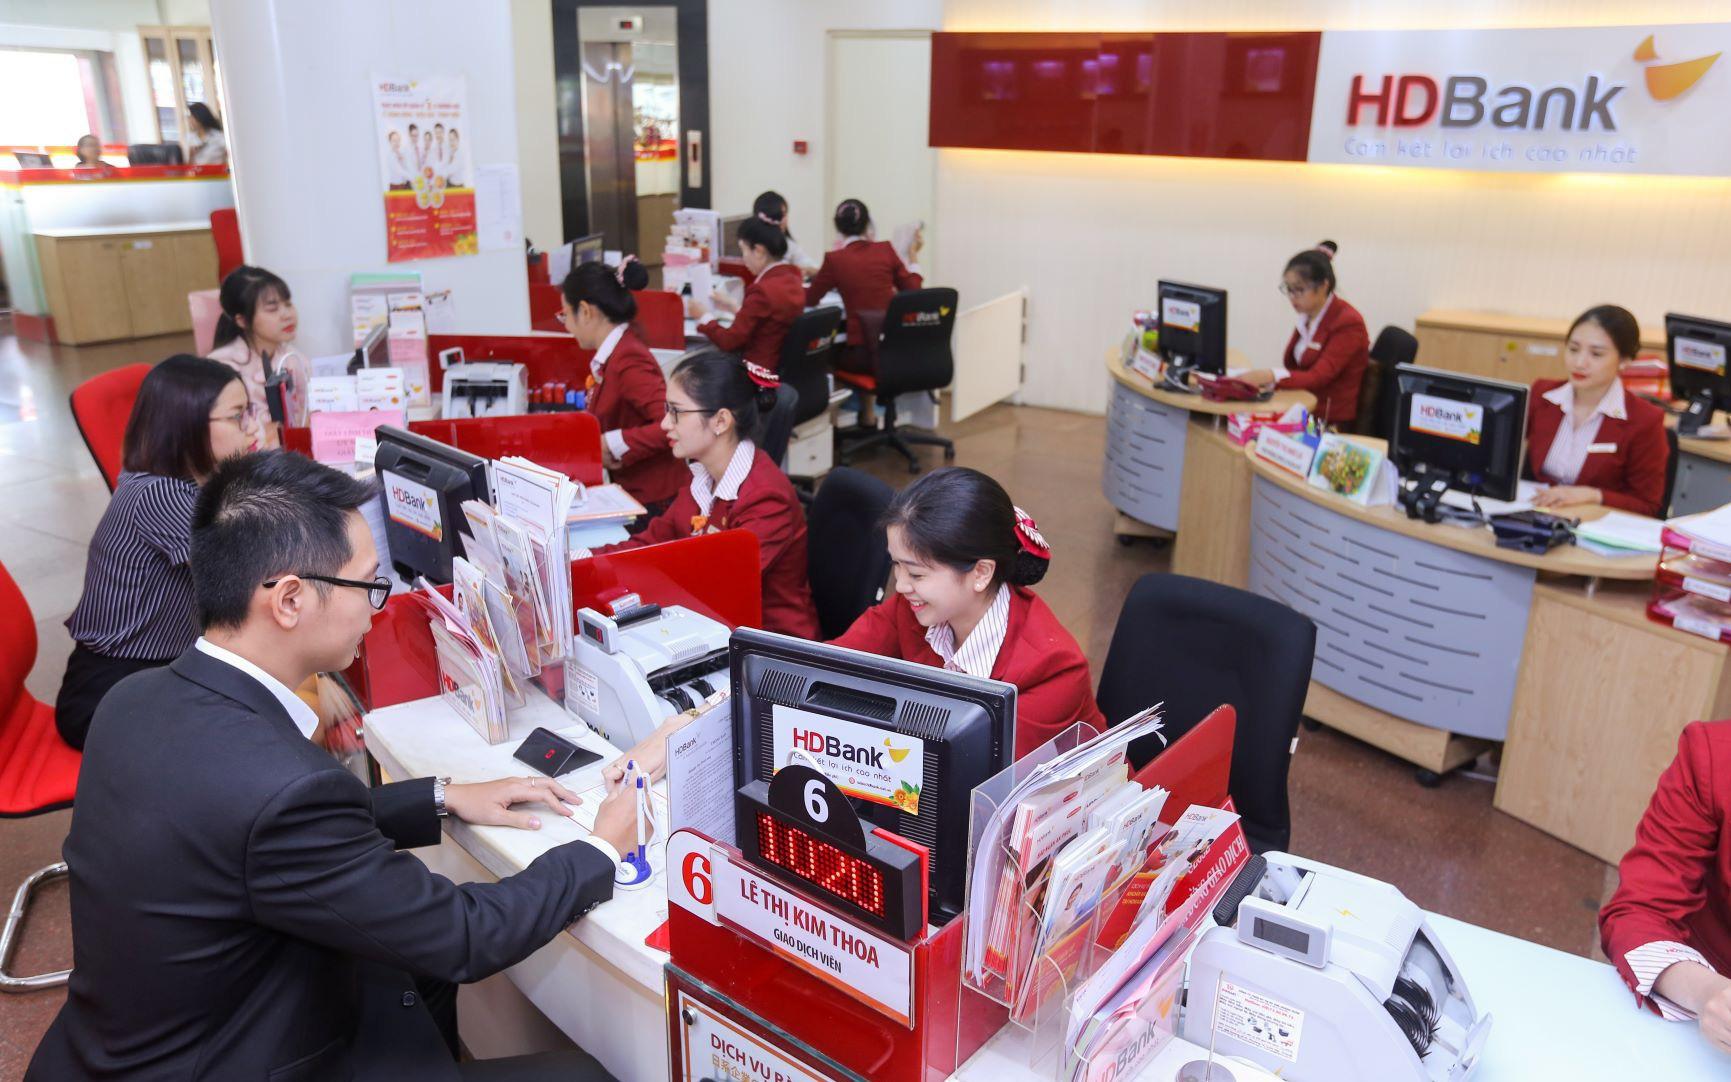 Gửi tiết kiệm xanh, trở thành tỉ phú cùng HDBank